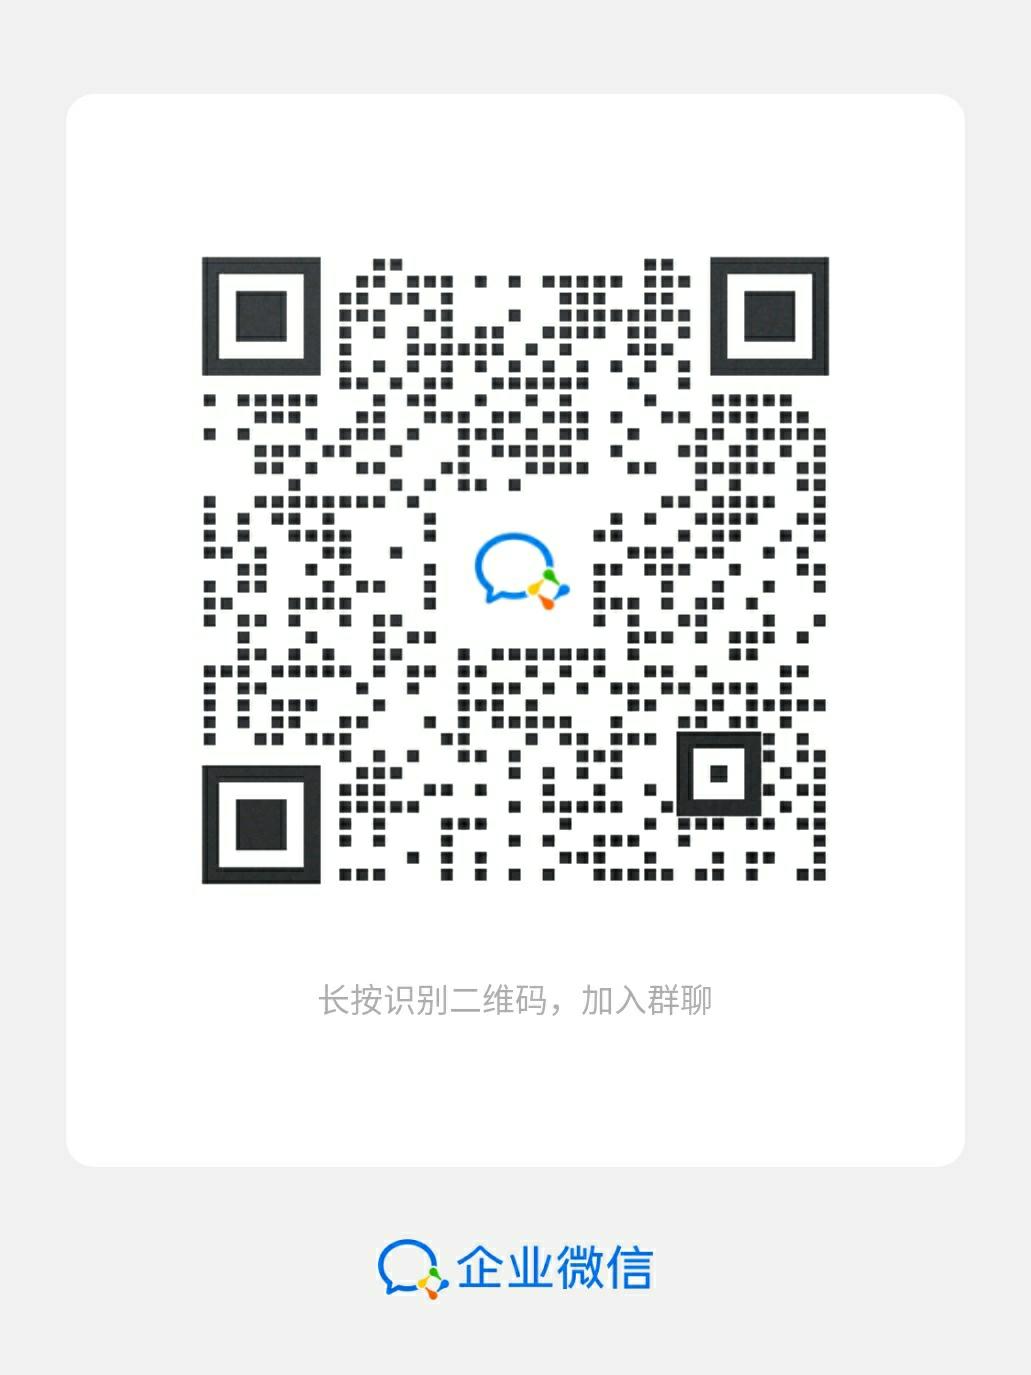 实操训练营.jpg